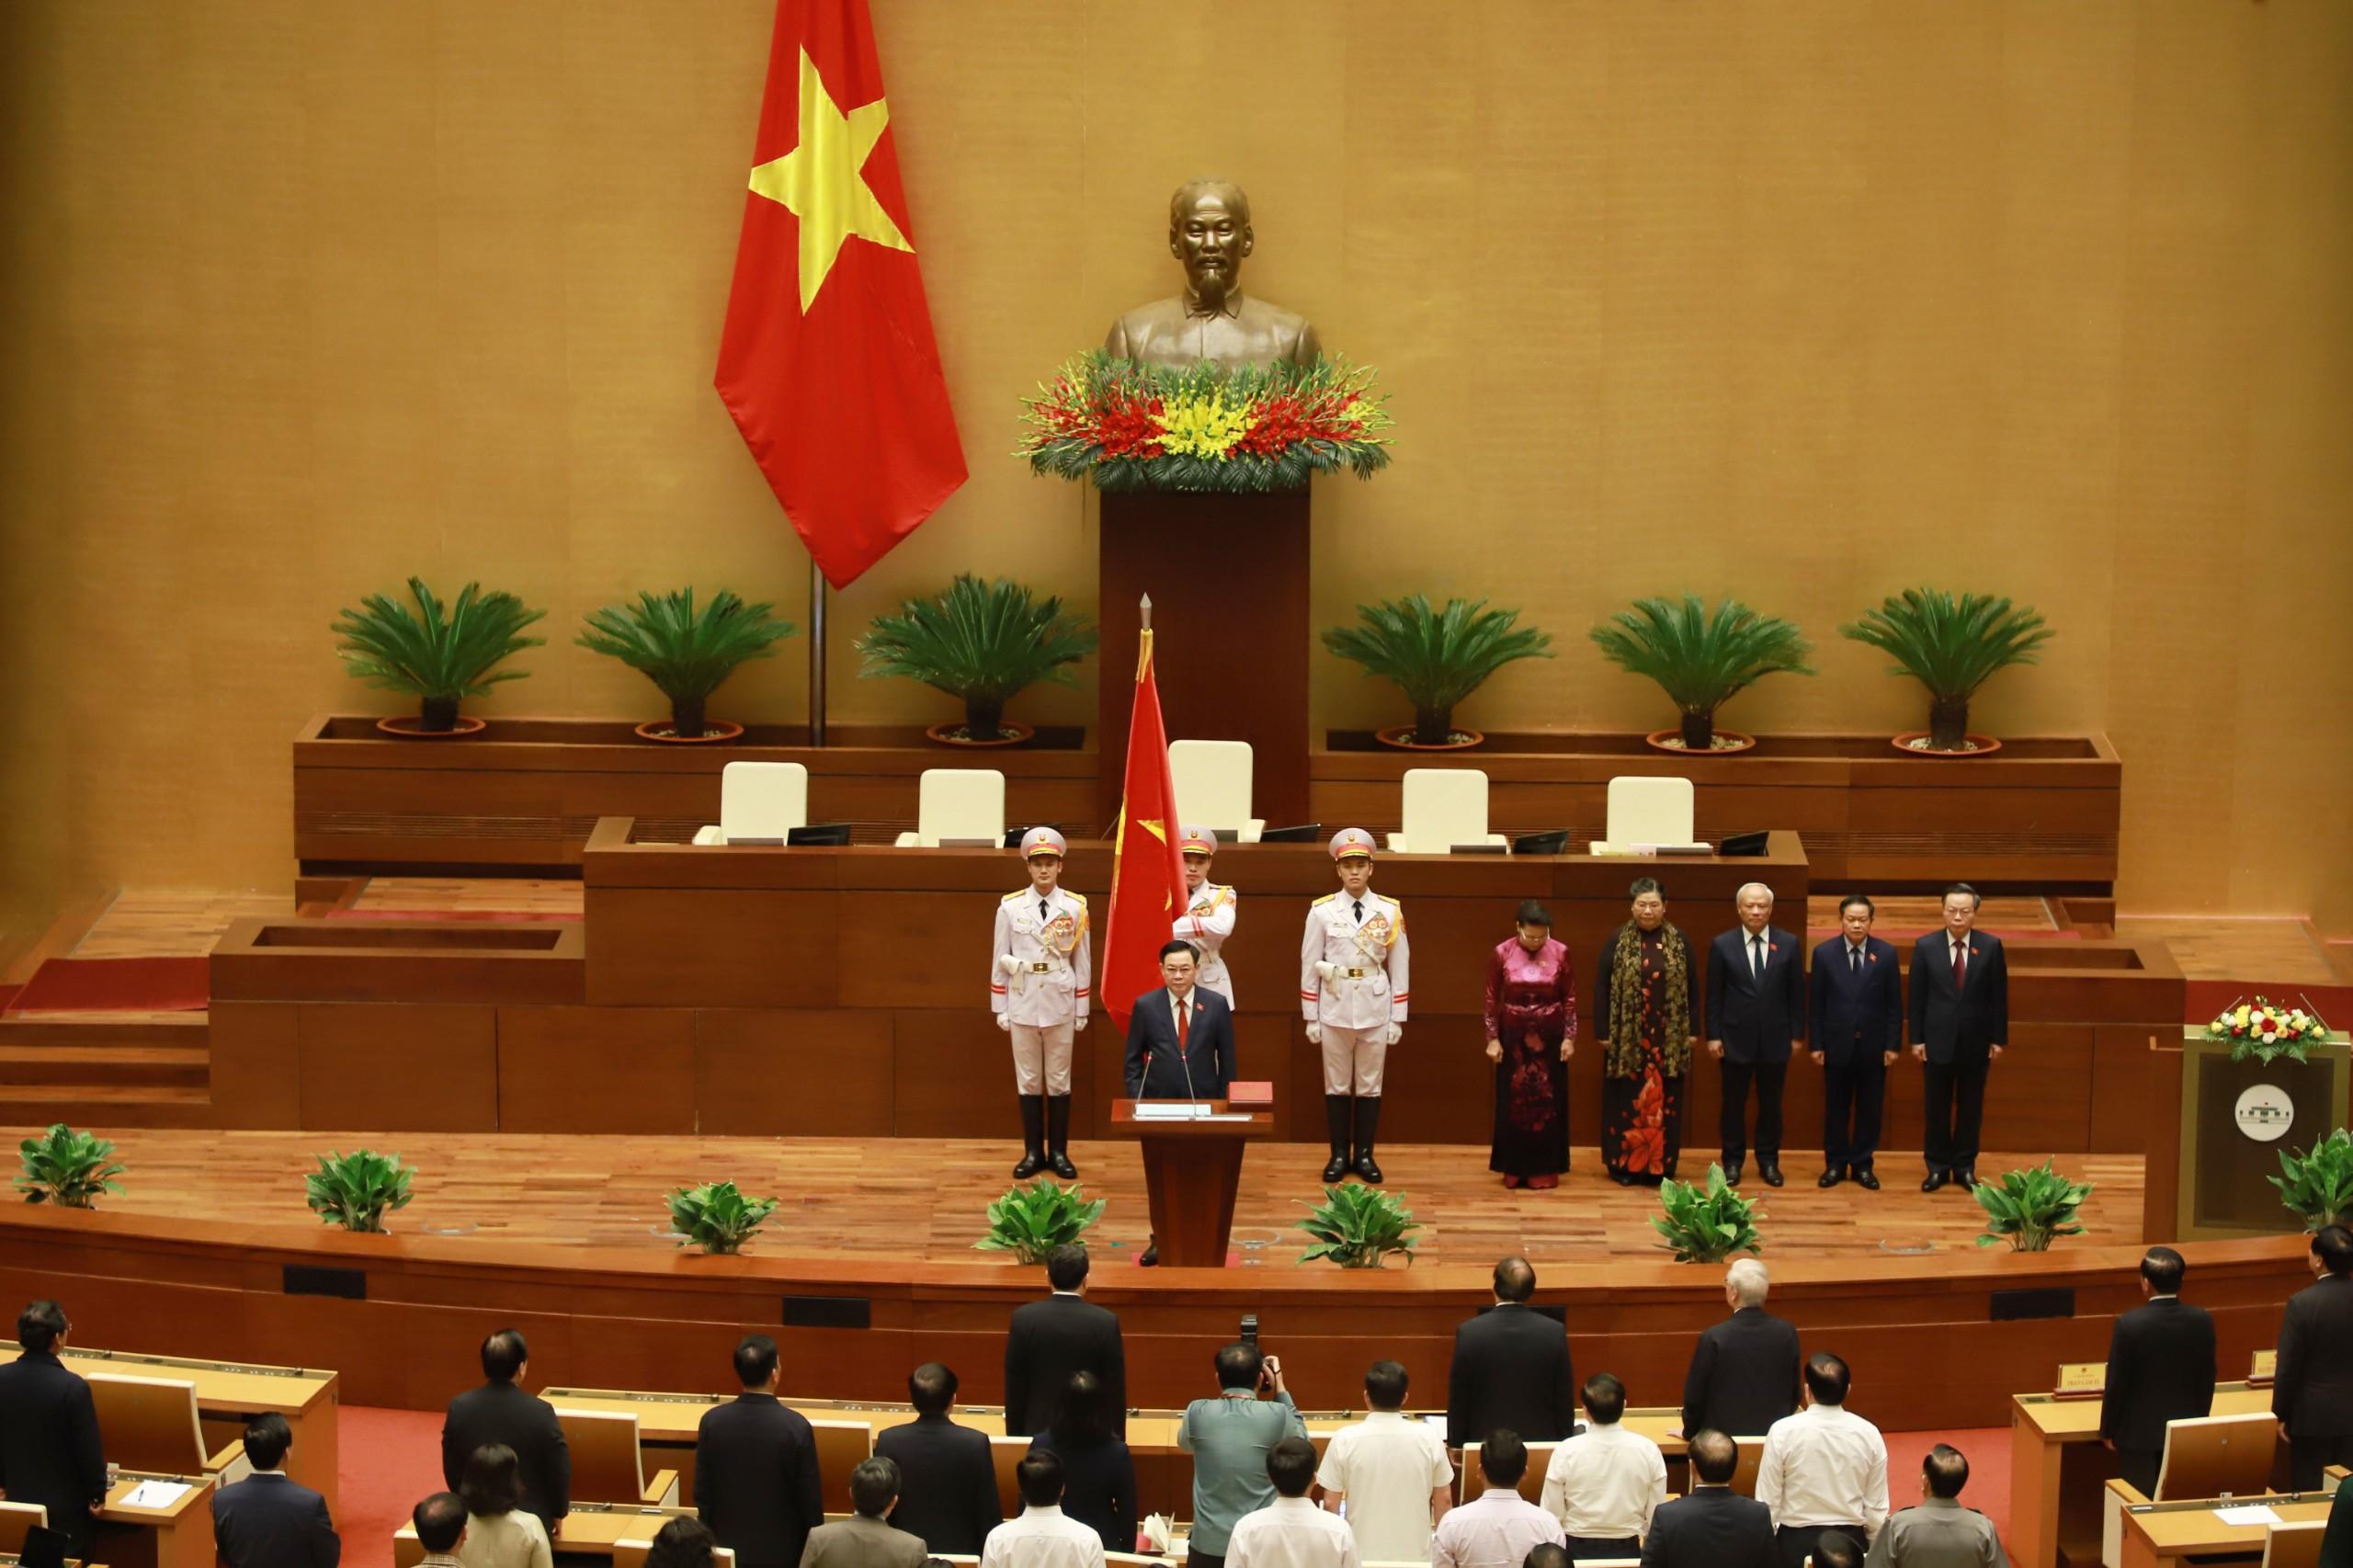 Chùm ảnh: Tân Chủ tịch Quốc hội tuyên thệ nhậm chức, điều hành phiên họp - Ảnh 1